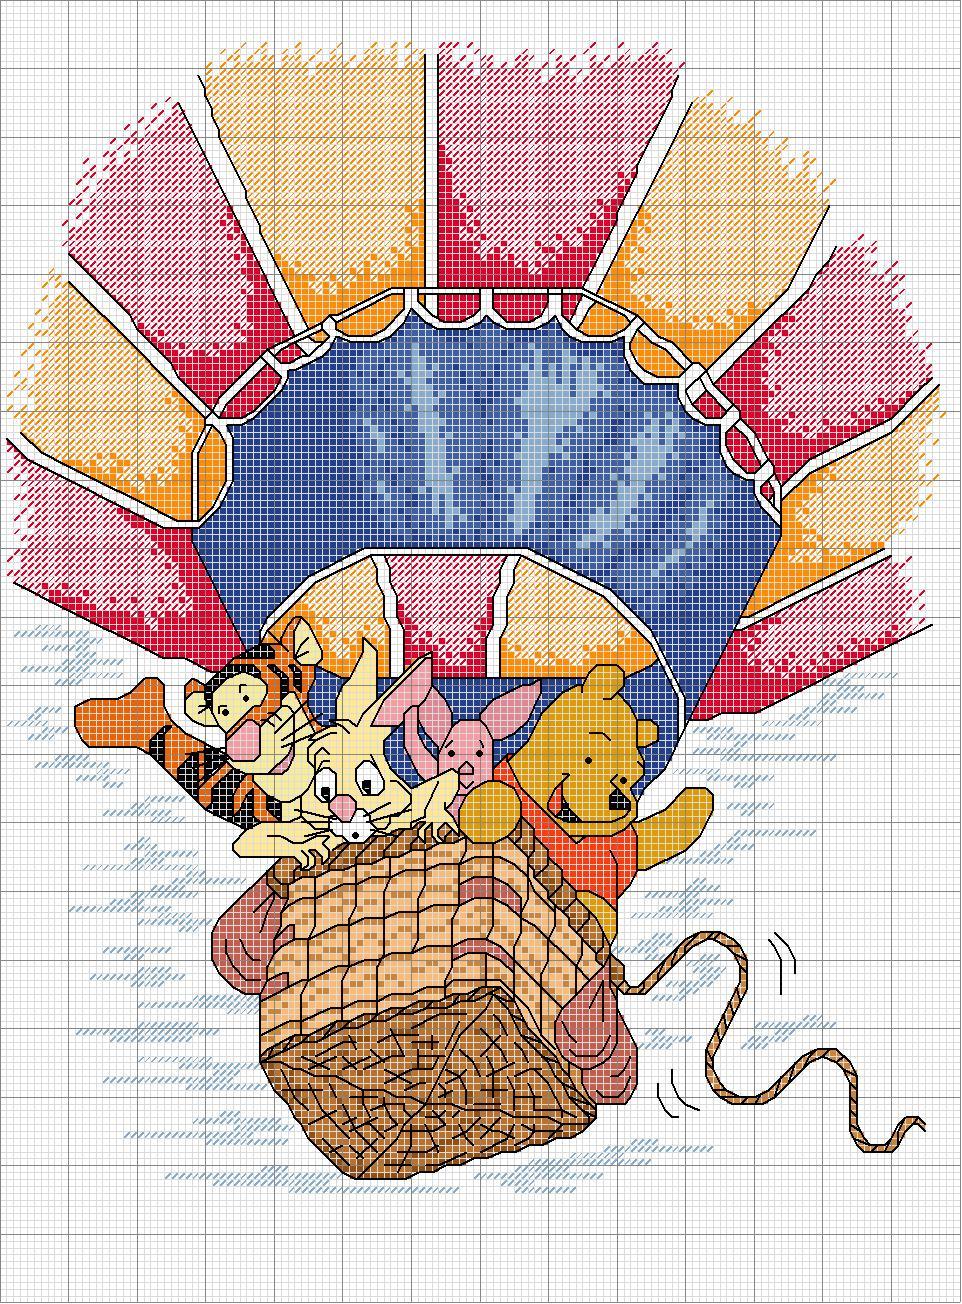 Fatti a mano di anna punto croce for Punto croce disney winnie the pooh